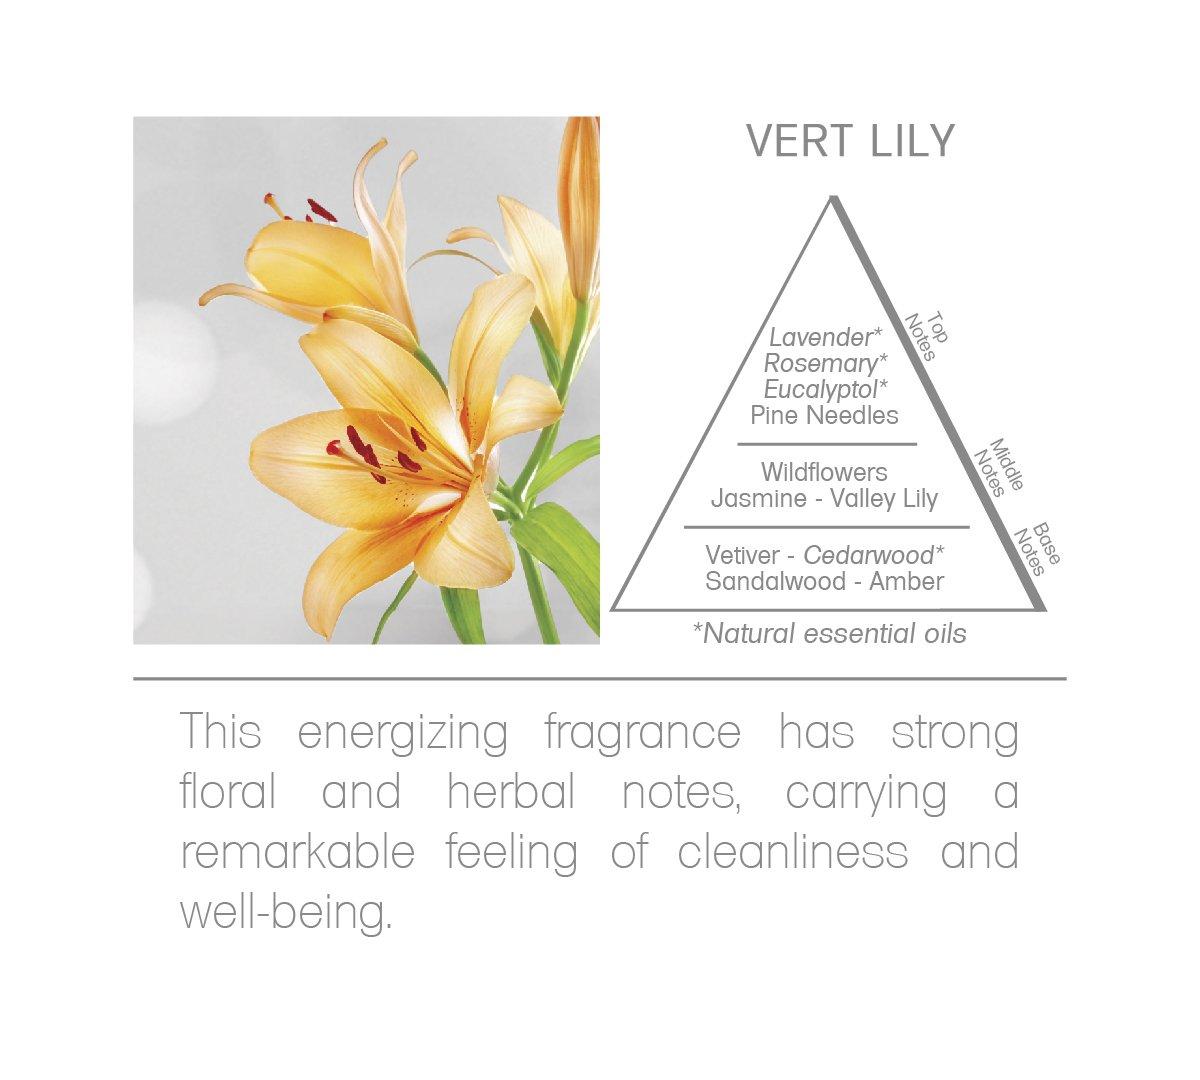 Acqua Aroma Vert Lily Room Fragrance Spray 6.8 FL OZ (200ml) by Acqua Aroma (Image #4)